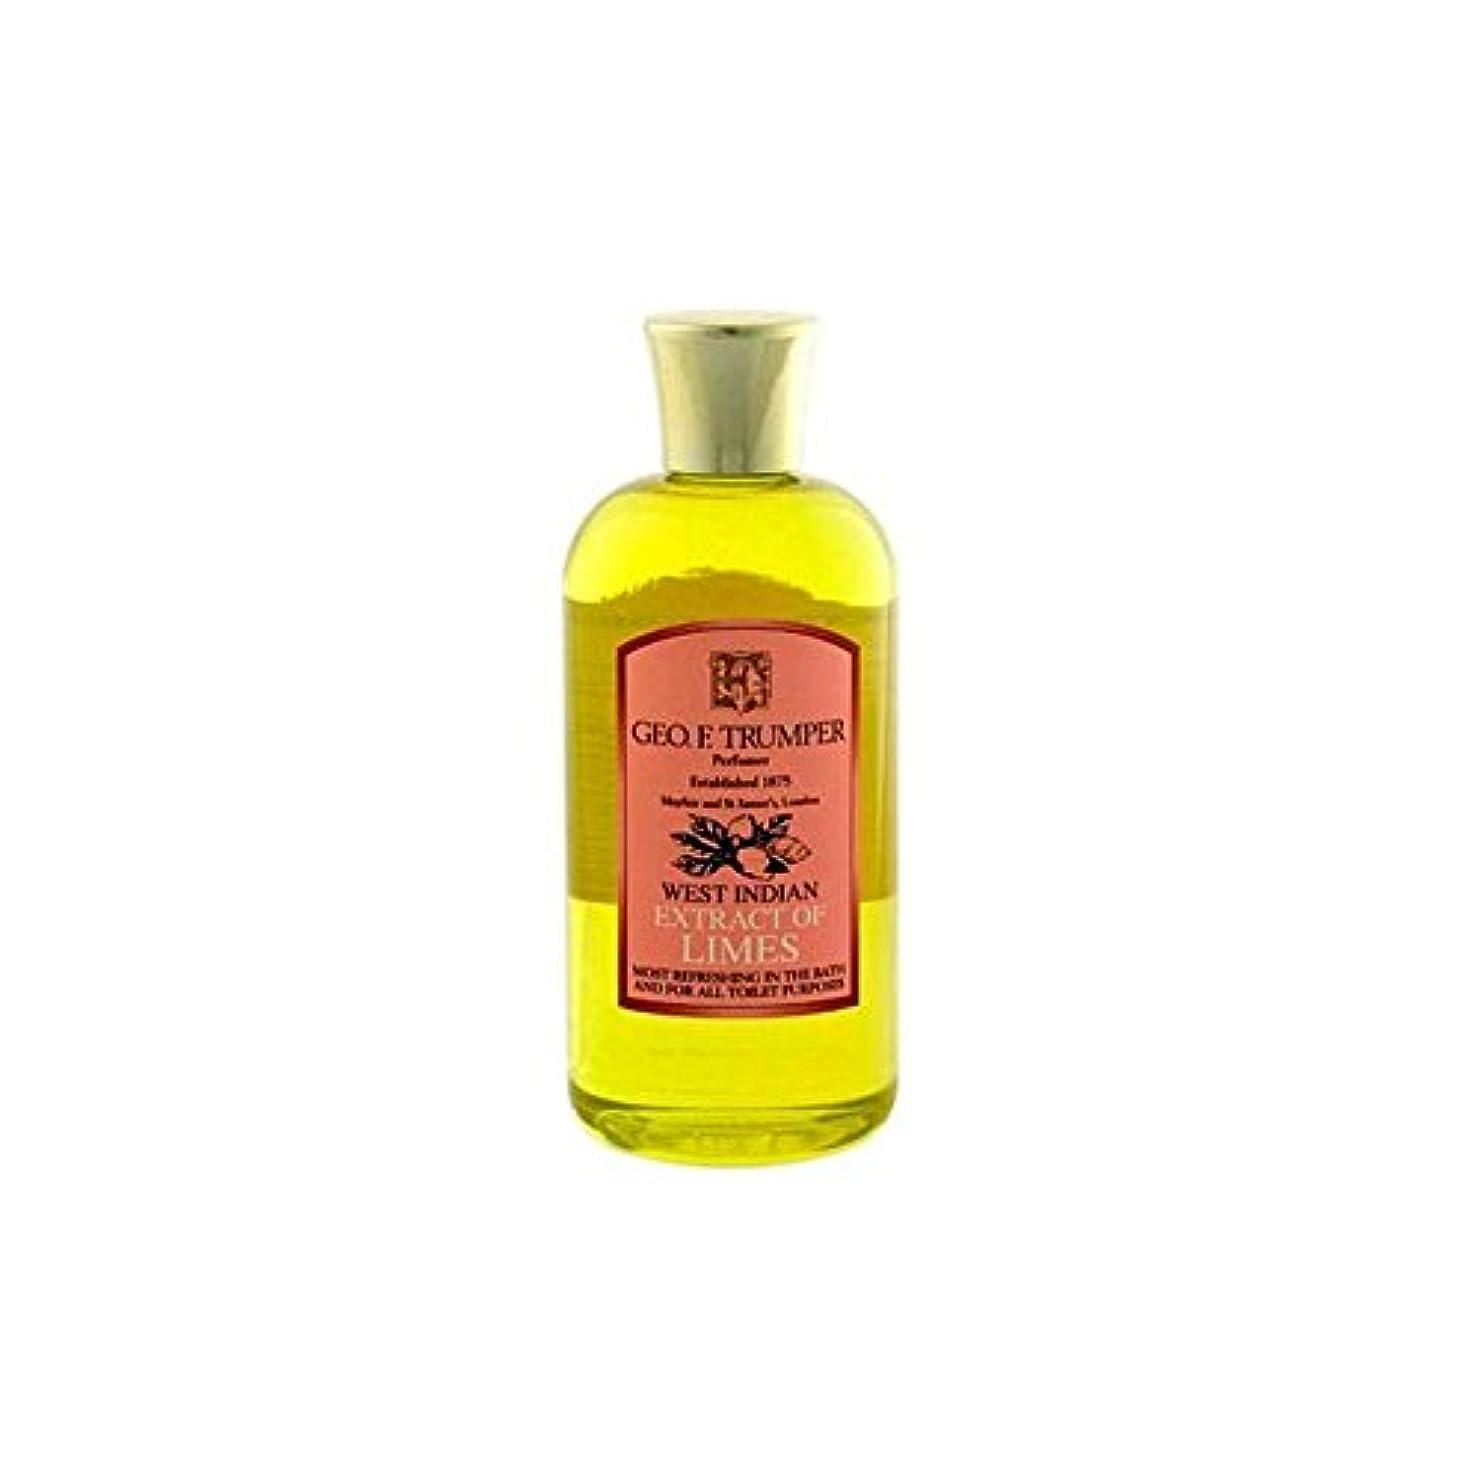 解釈的ガラス種Trumpers Extracts of Limes Bath and Shower Gel 200ml - ライムのバスタブとシャワージェル200の抽出物を [並行輸入品]